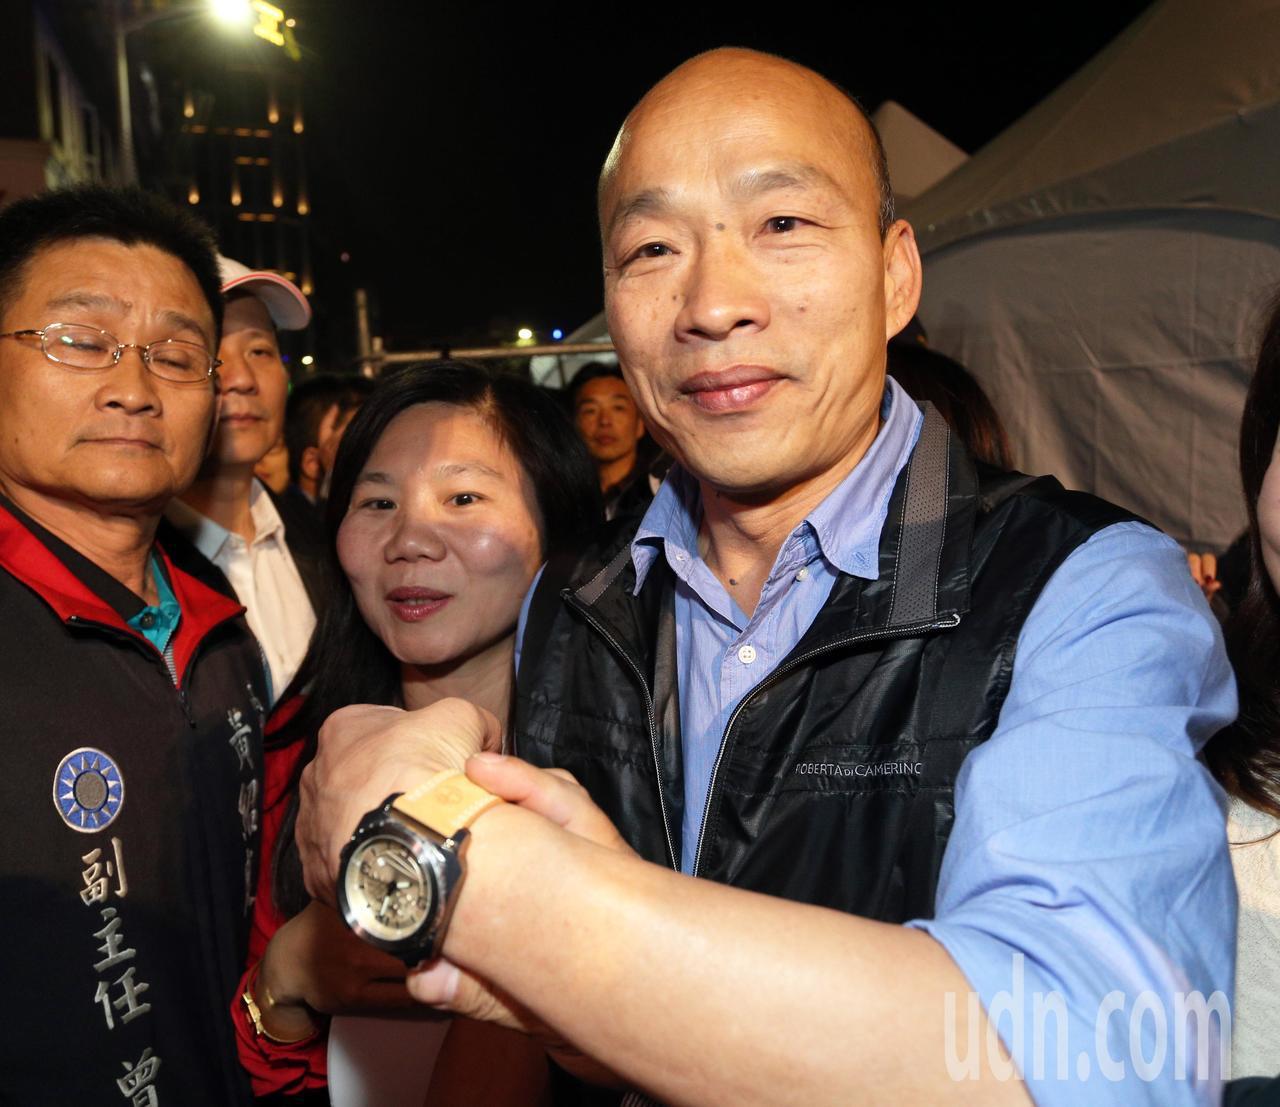 高雄市長韓國瑜今晚參加高雄燈會金銀河開幕活動,透露他手上戴的手錶是王世堅送給他的...